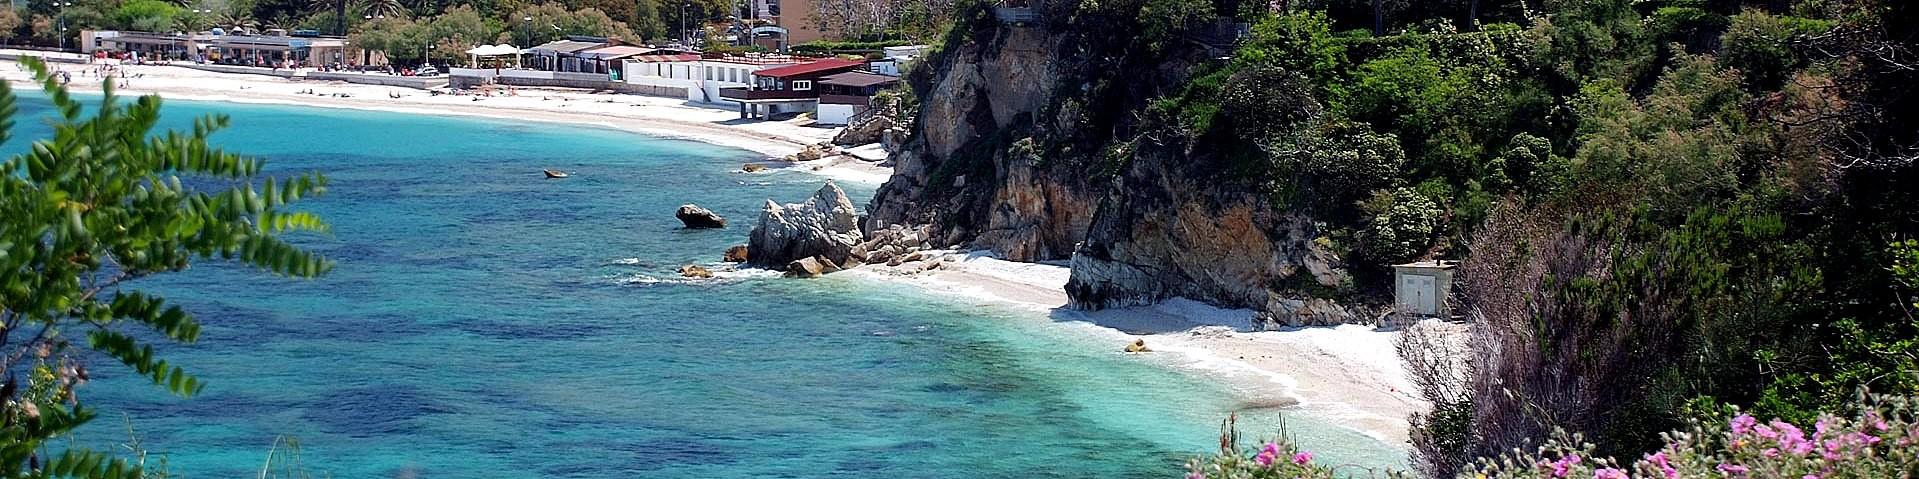 Portoferraio, městská pláž Cala dei Frati